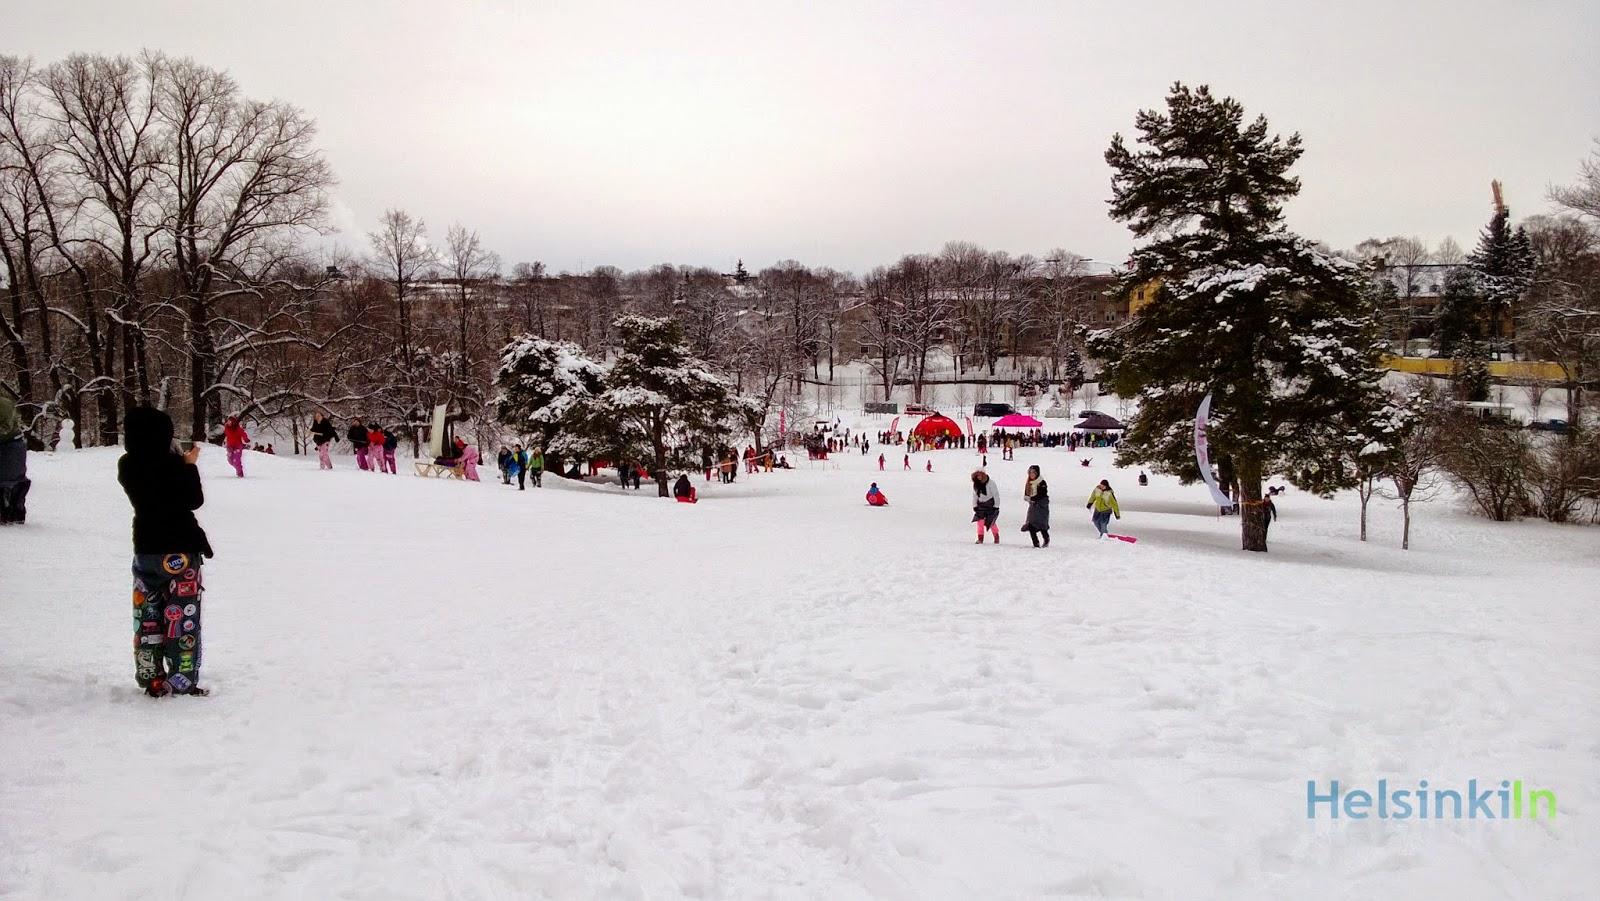 students celebrating Laskiainen at Kaivopuisto